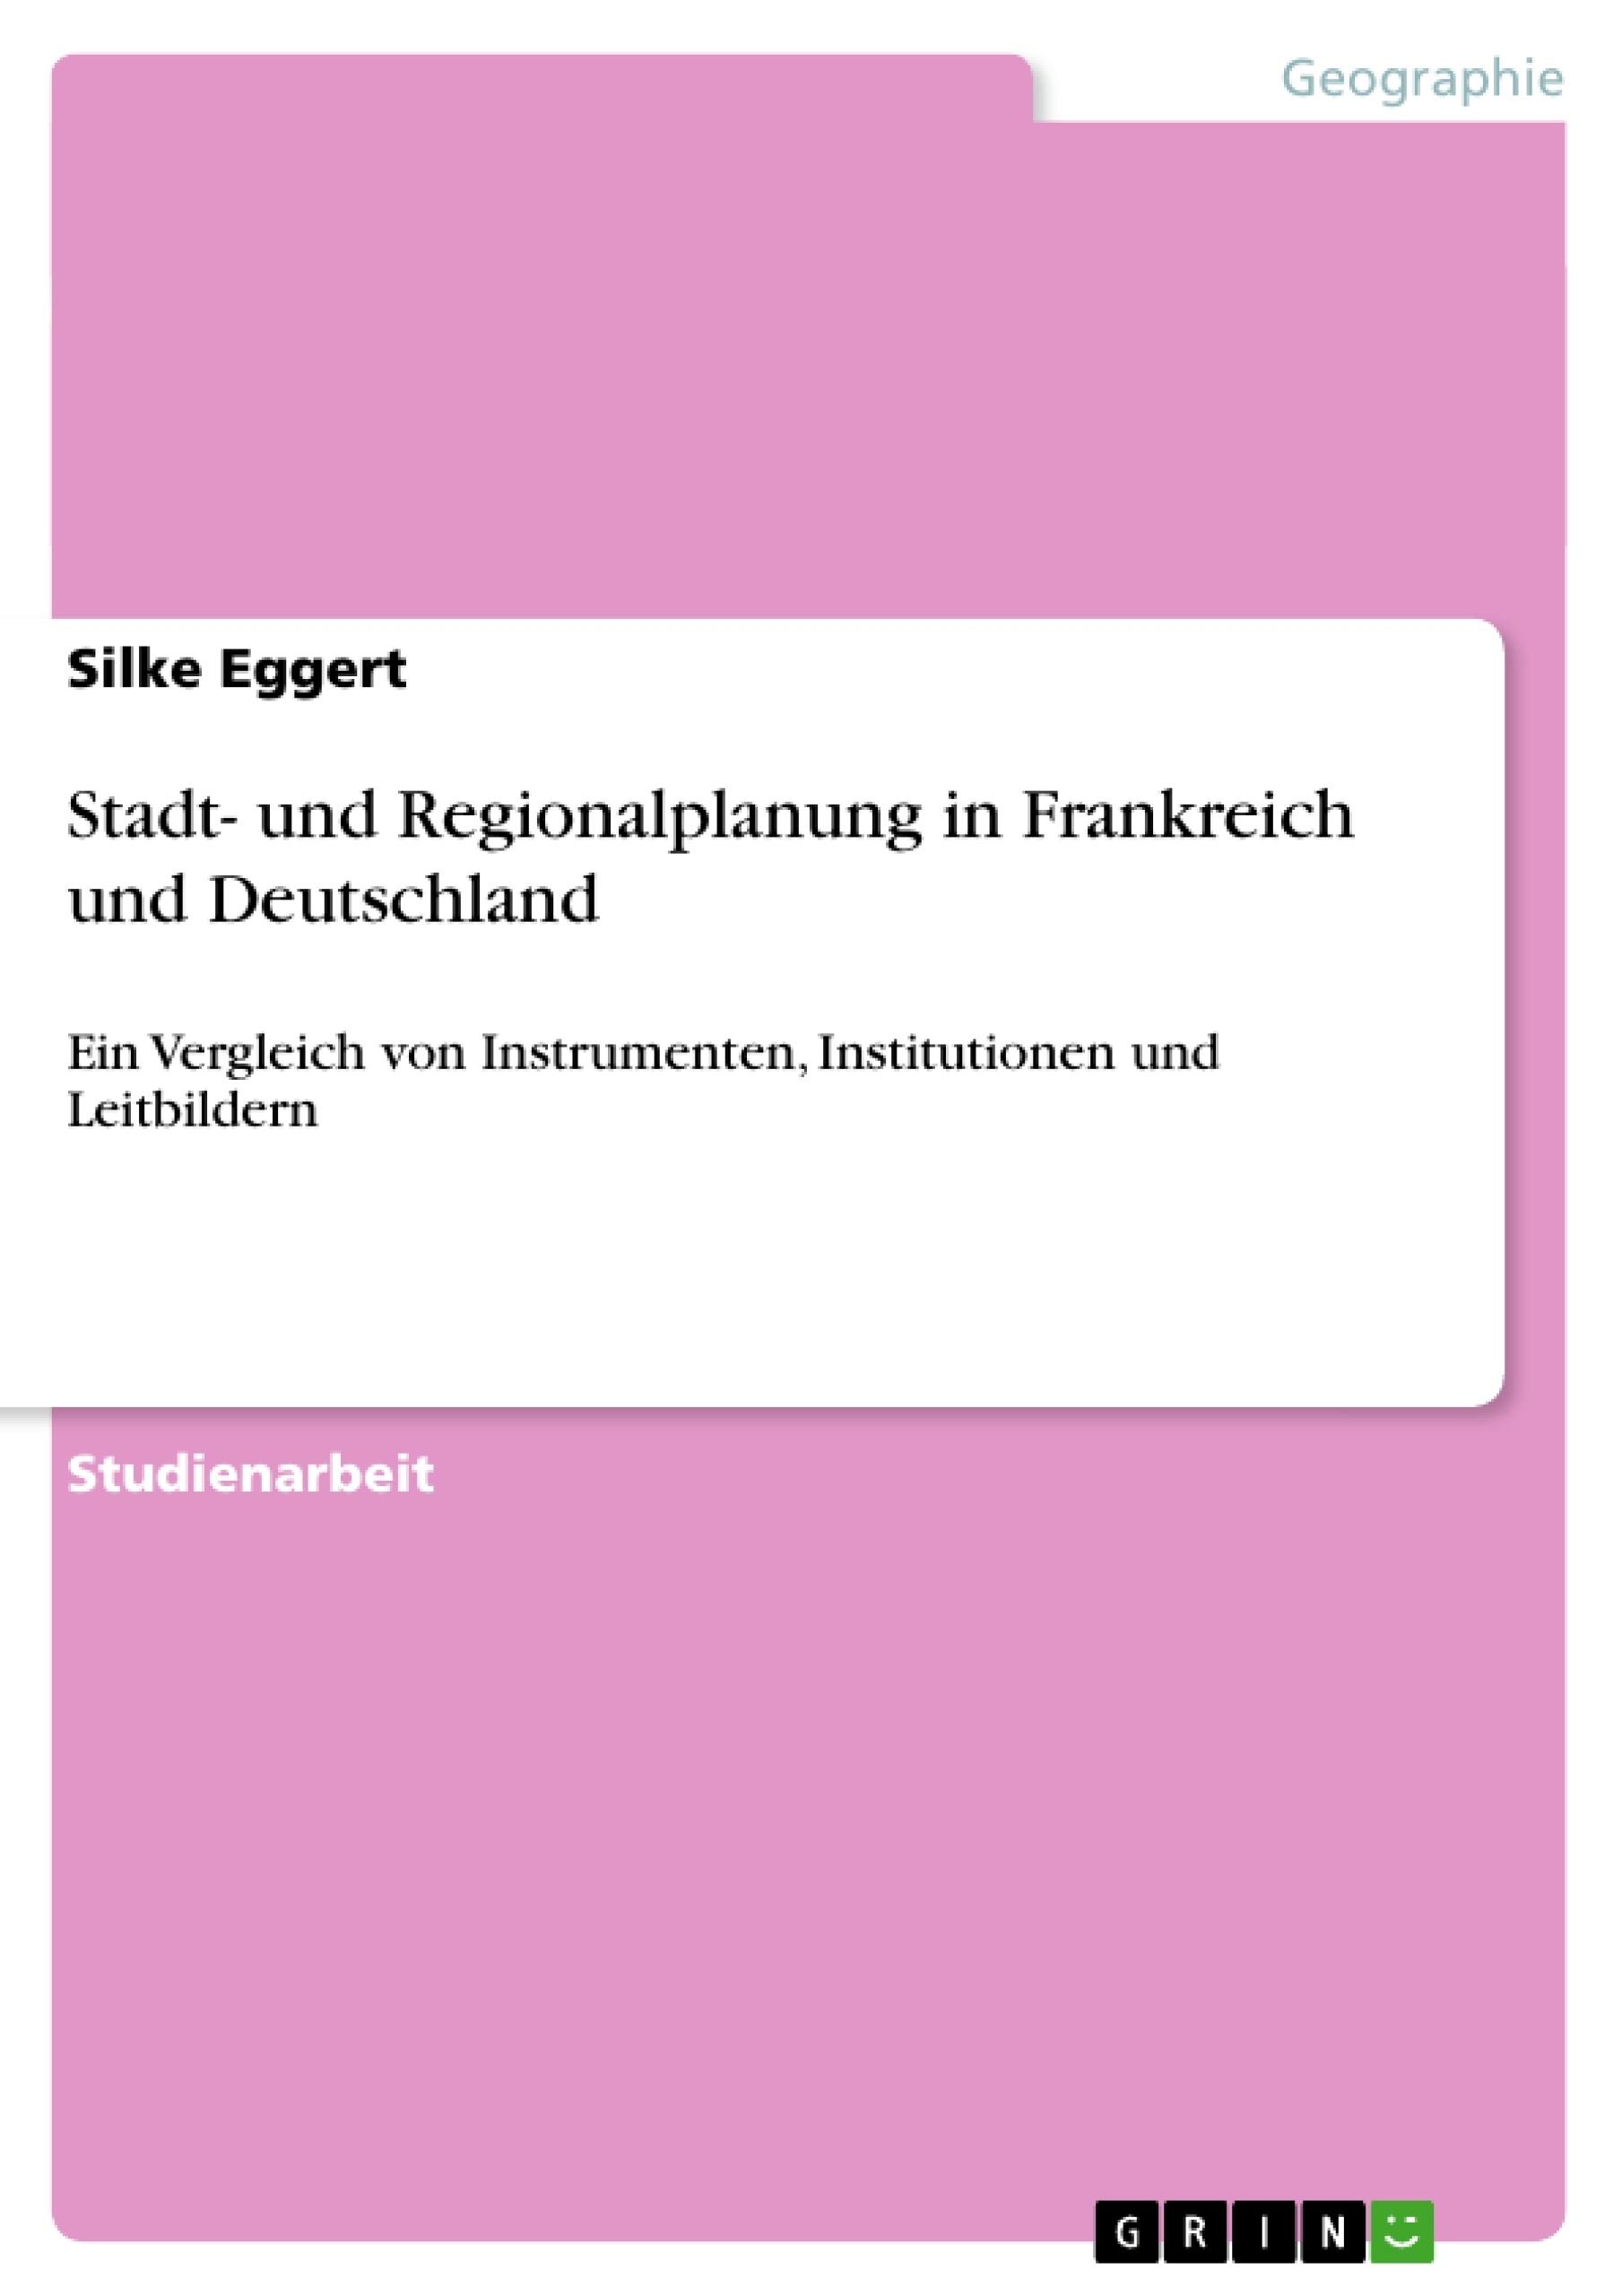 Titel: Stadt- und Regionalplanung in Frankreich und Deutschland